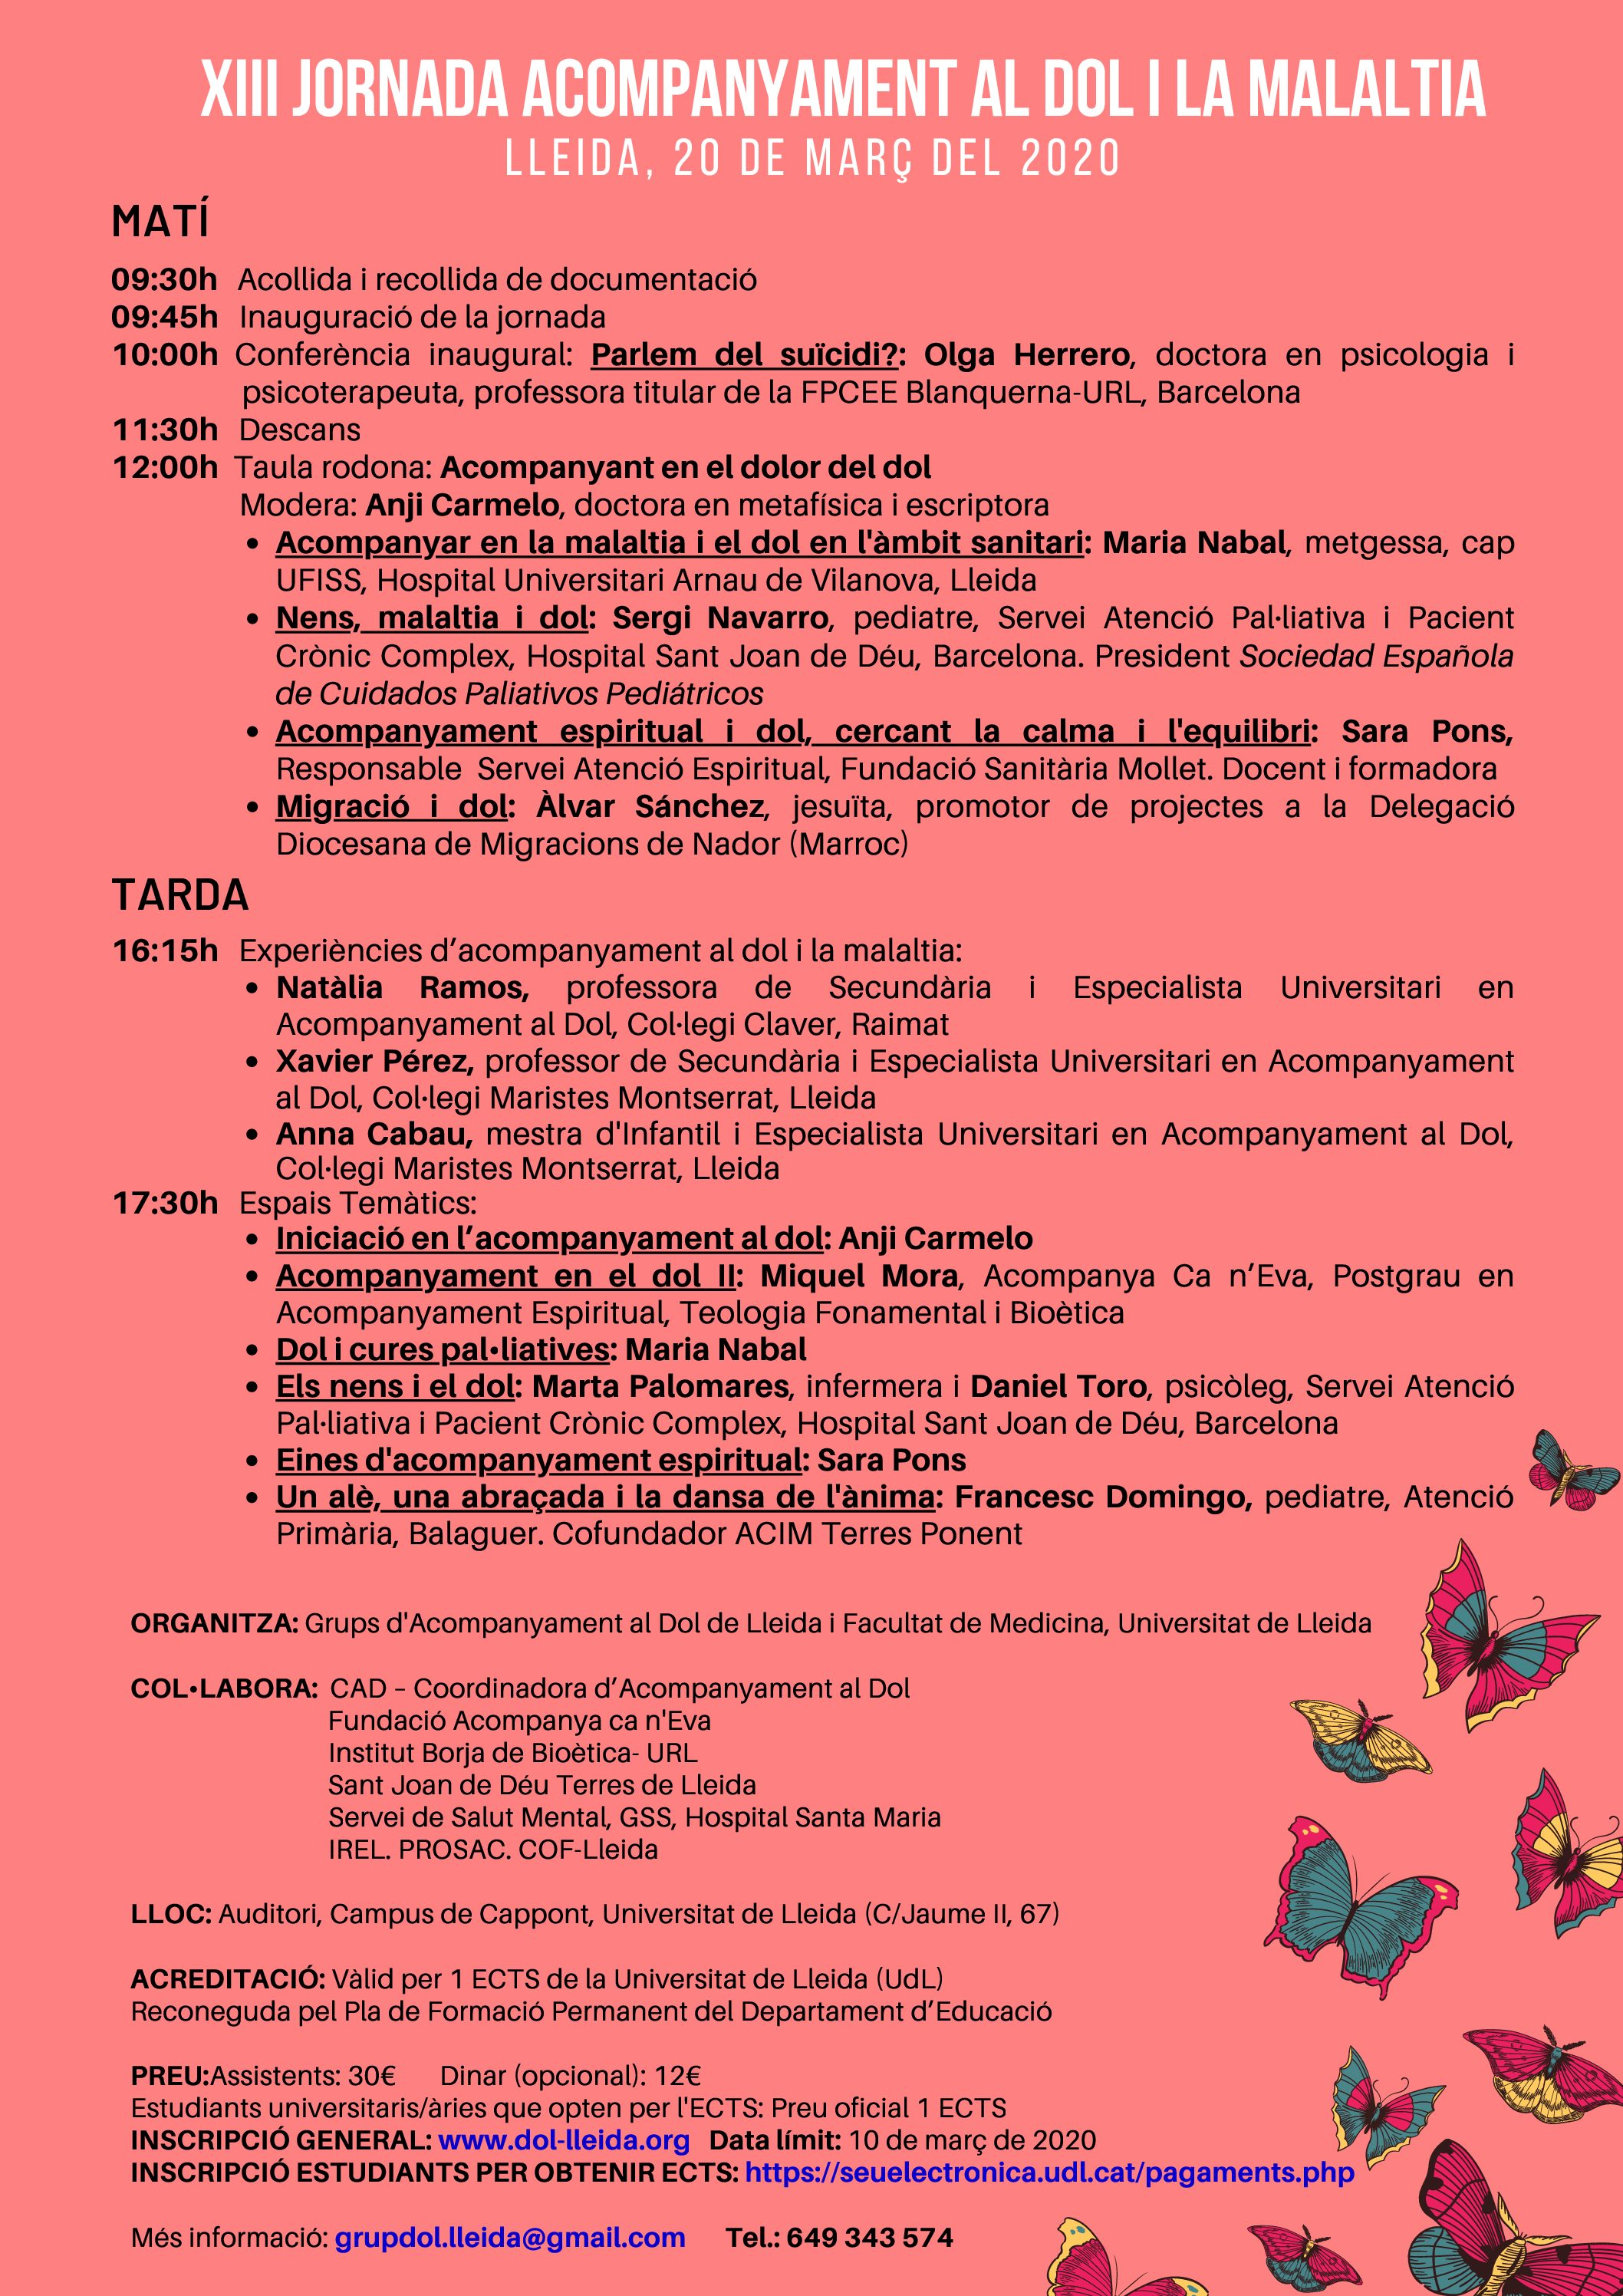 XIII Jornada Acompanyament al Dolila Malaltia. 20 de març del 2020